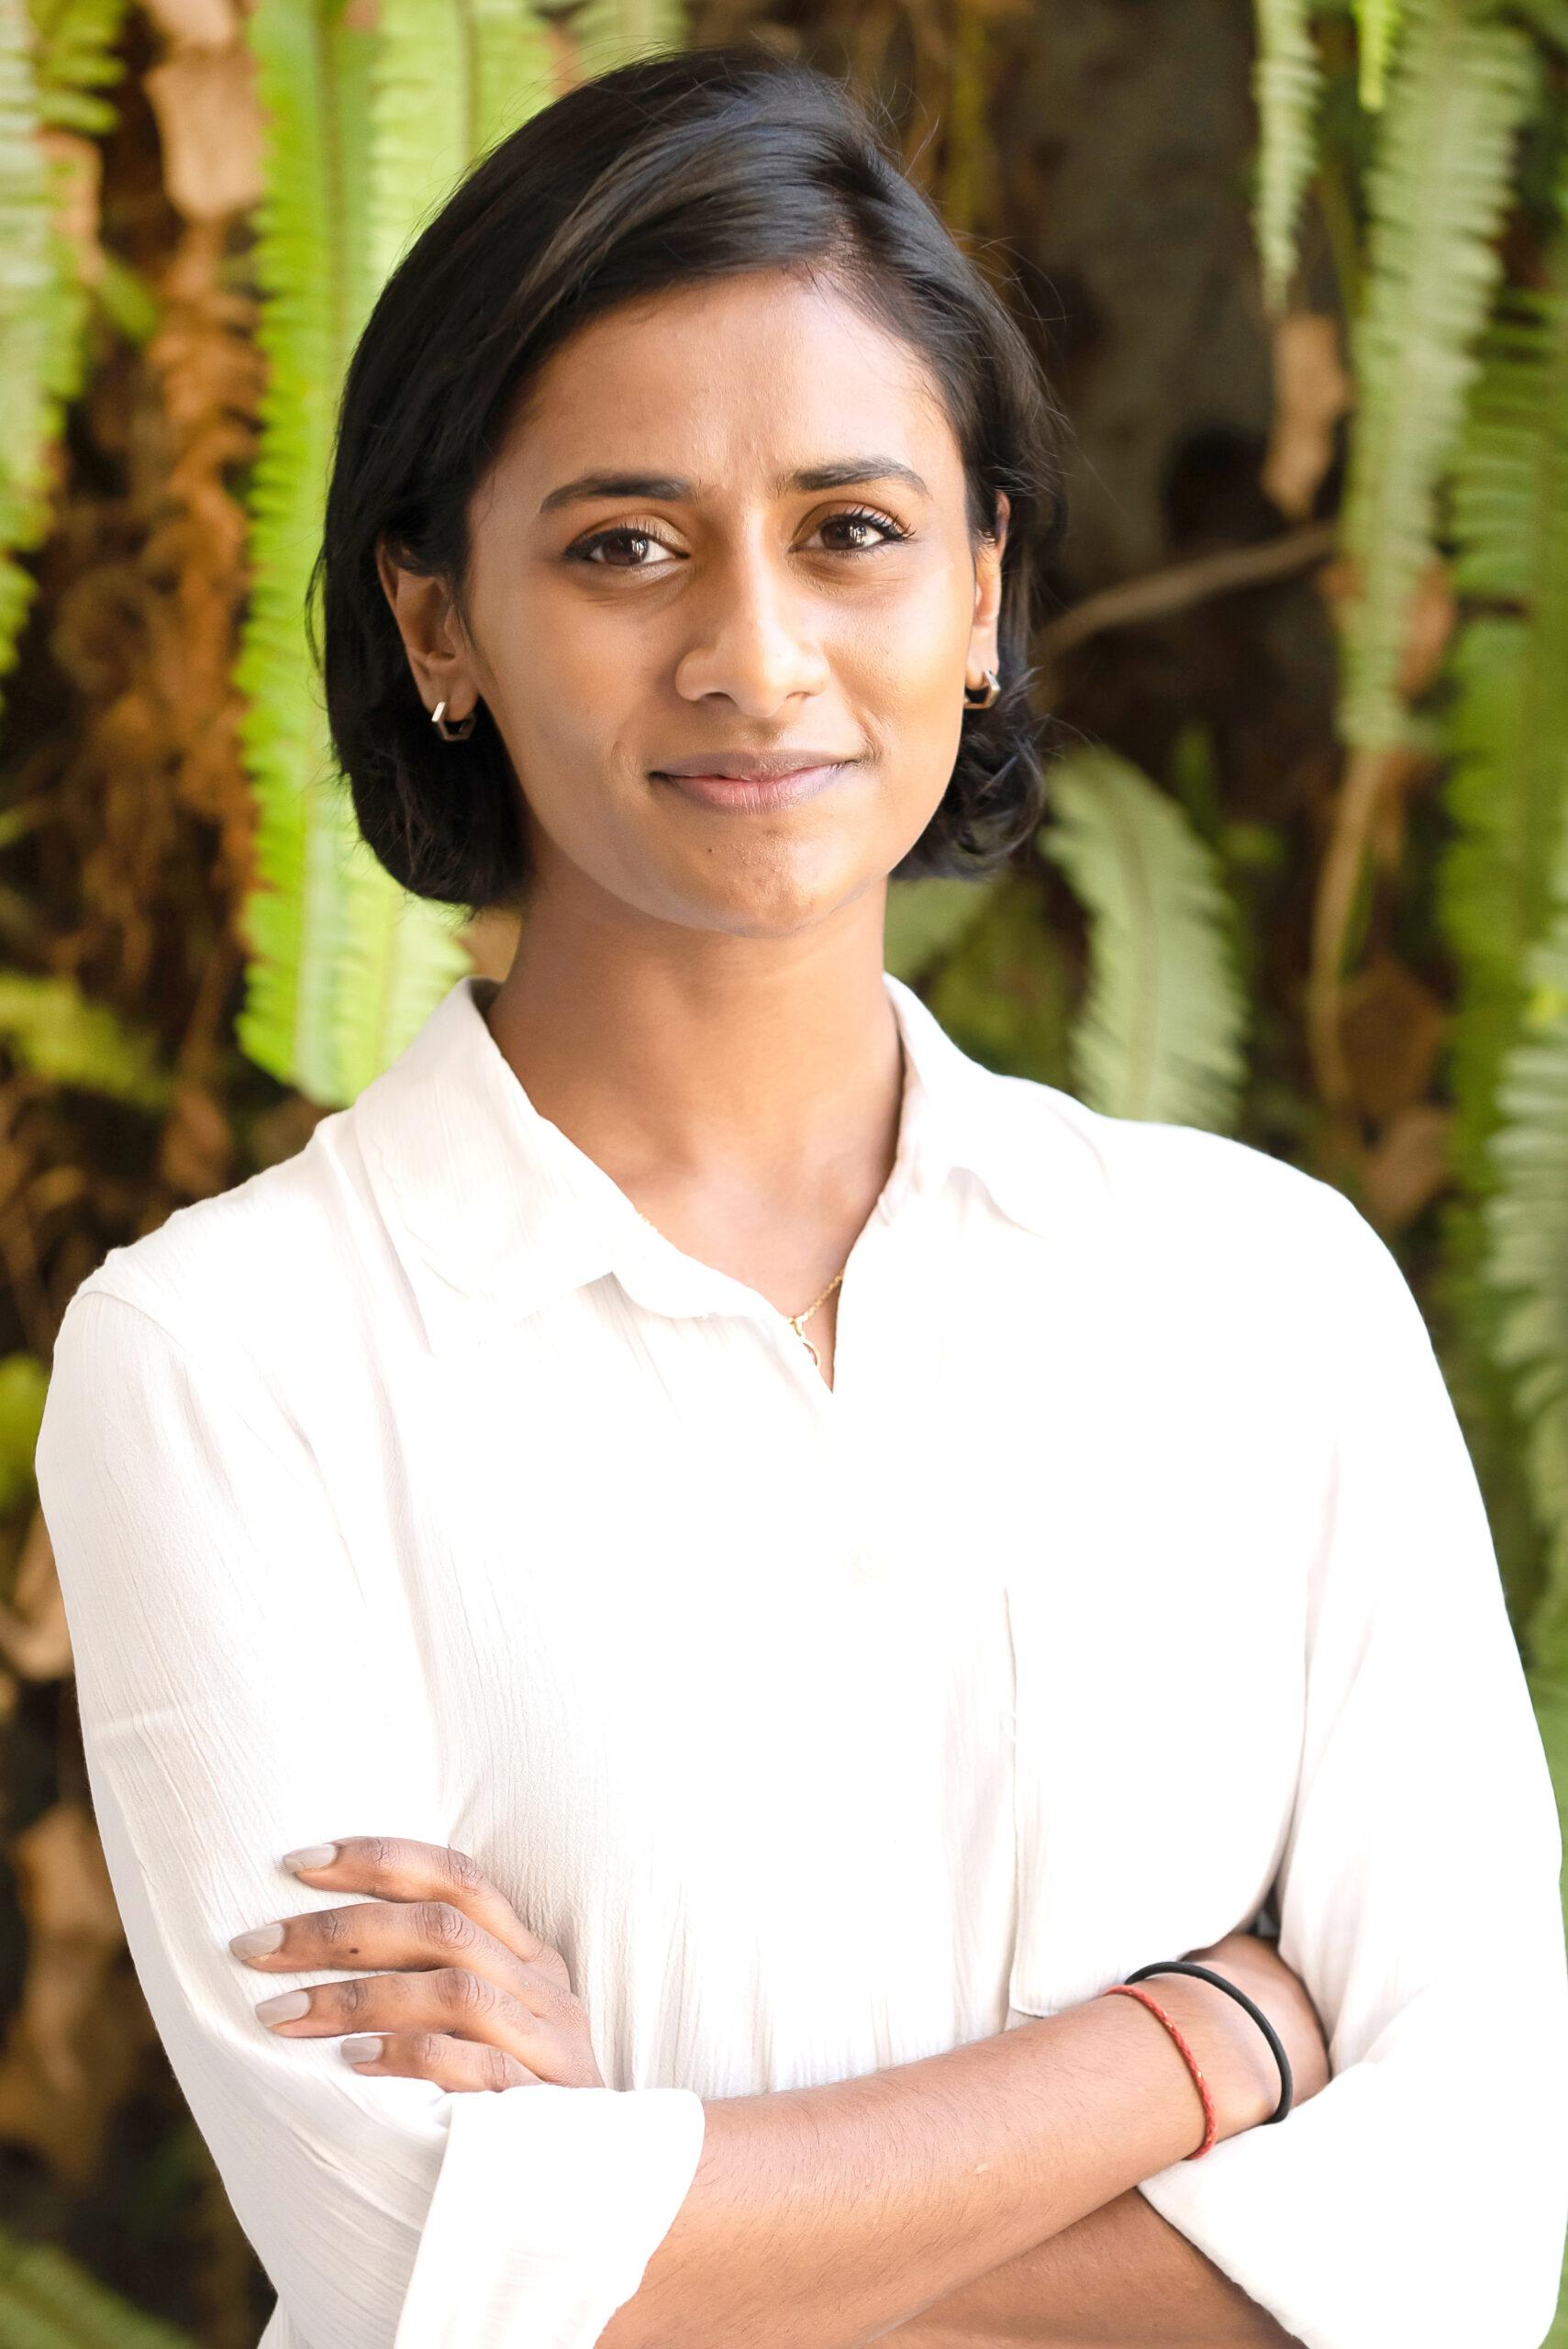 Dhiantha Achary